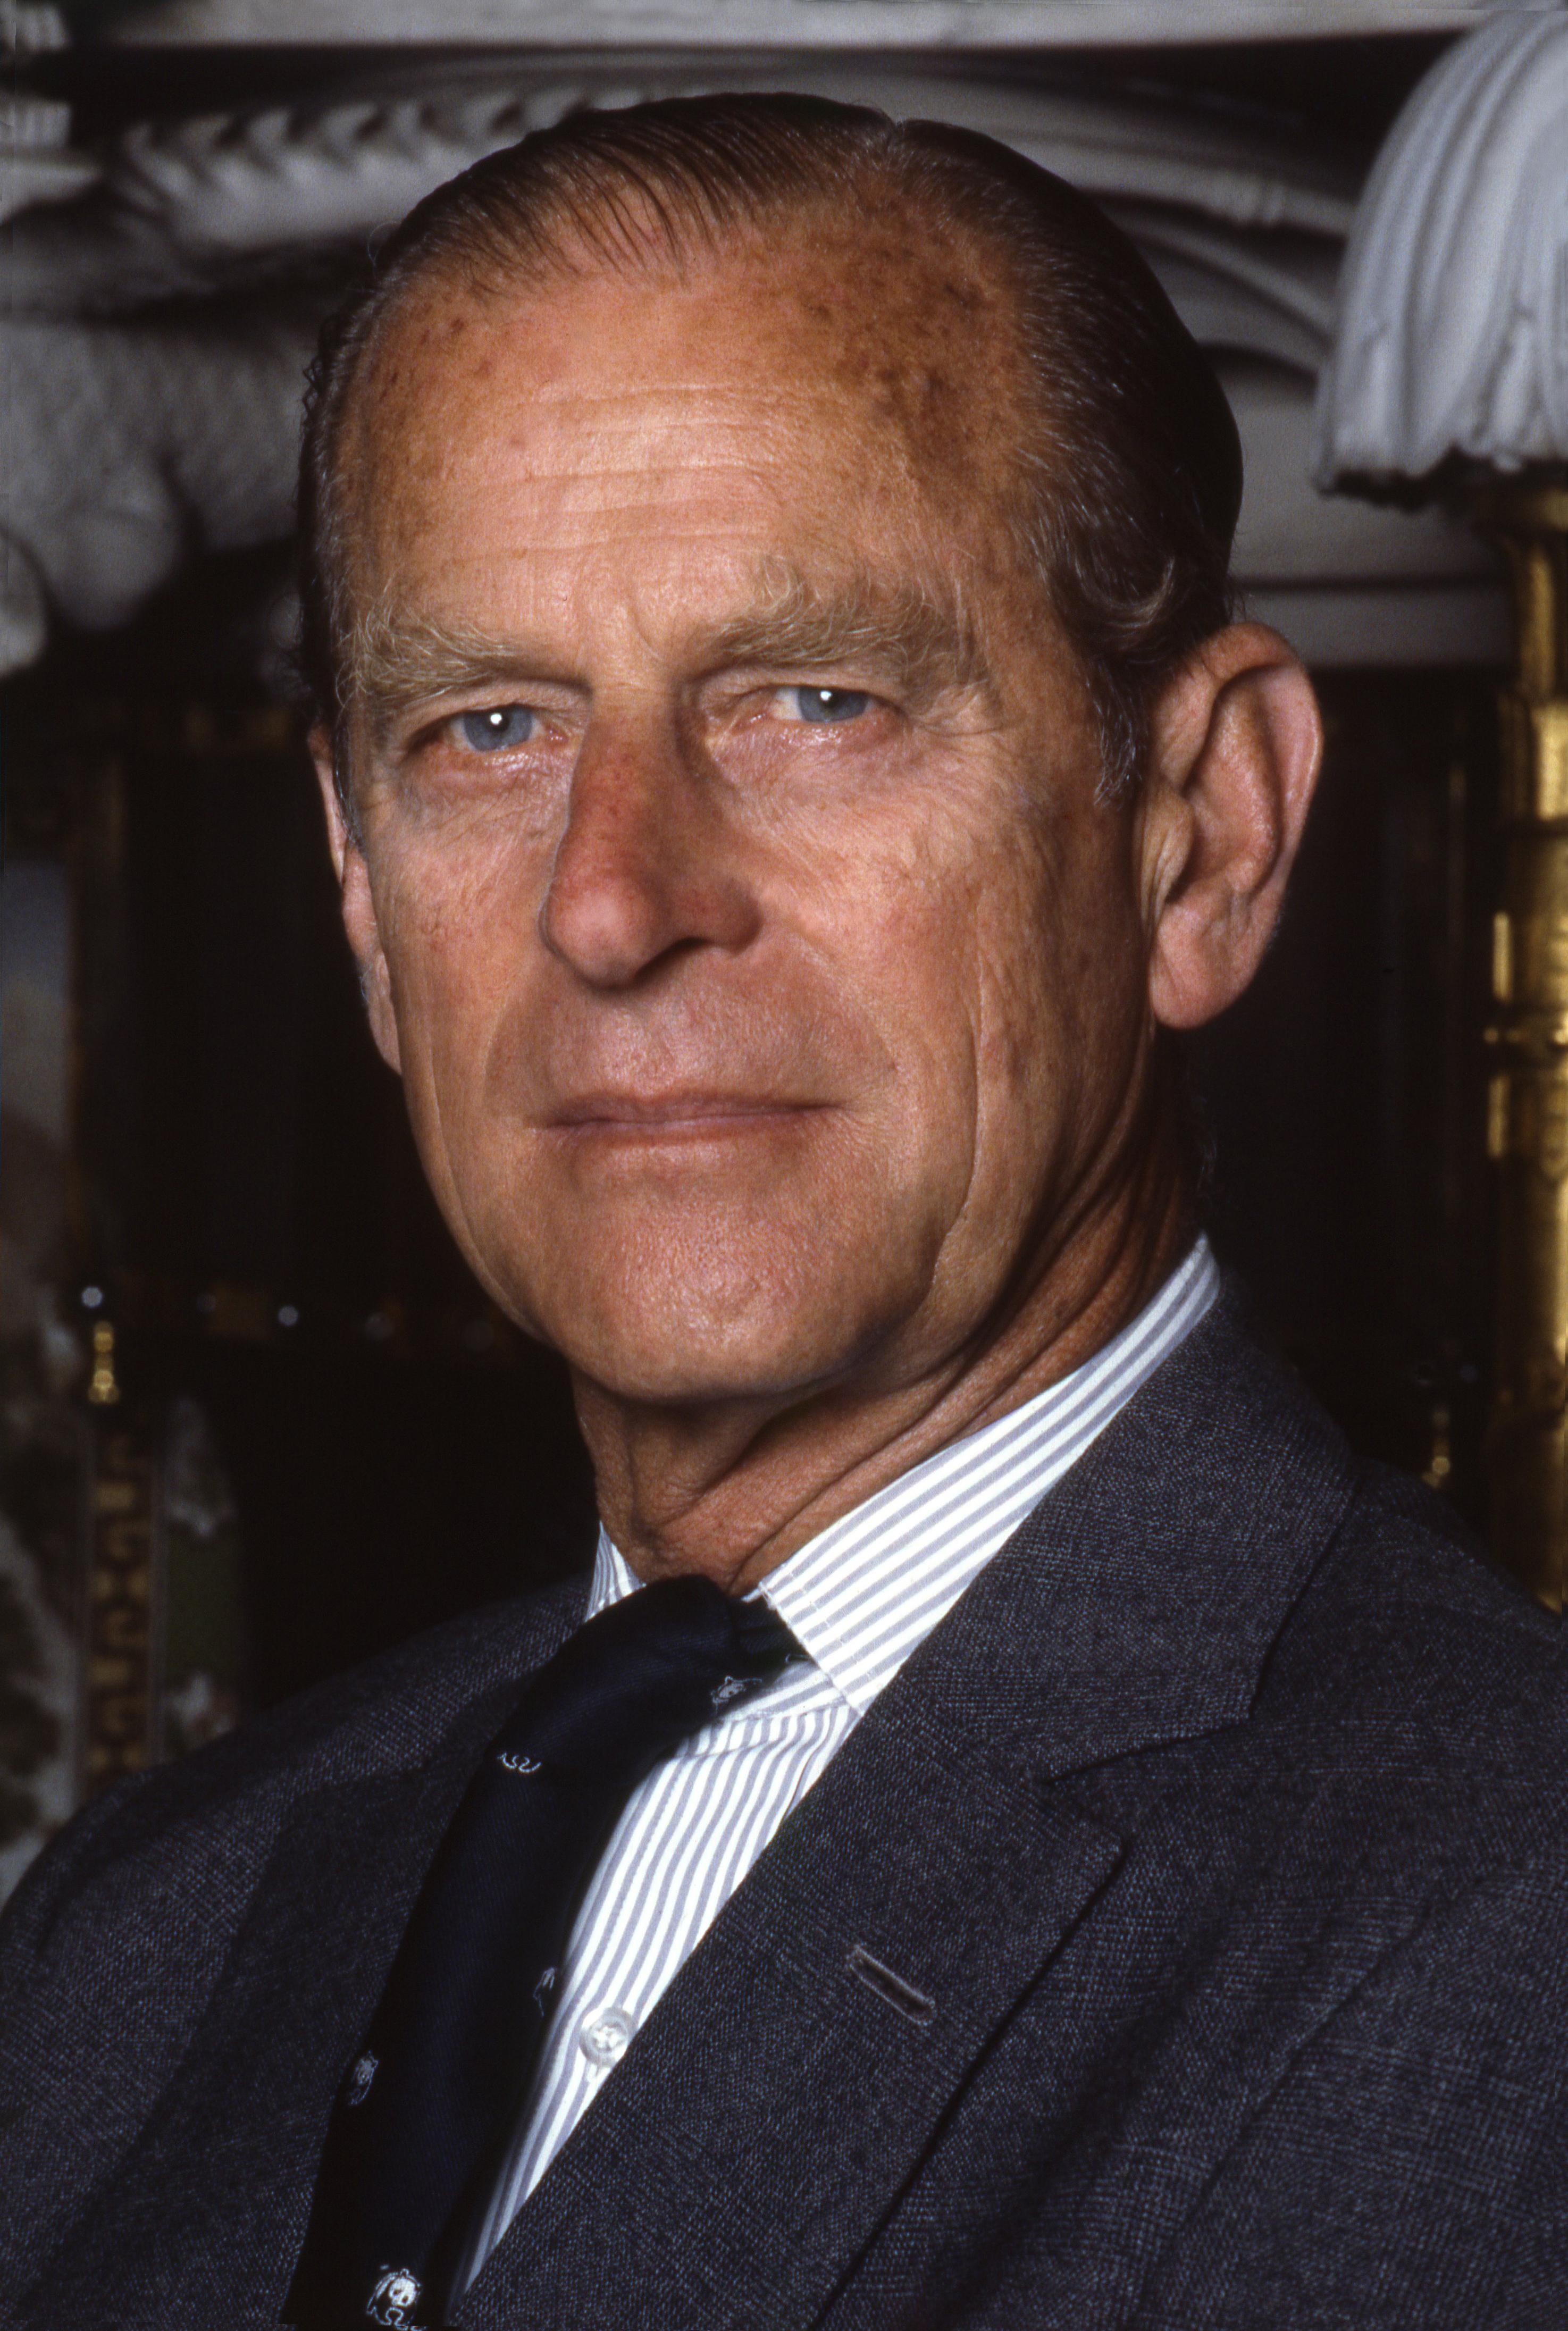 """Buckingham Palace: The Duke of Edinburgh admitted to hospital as """"a precautionary measure"""""""